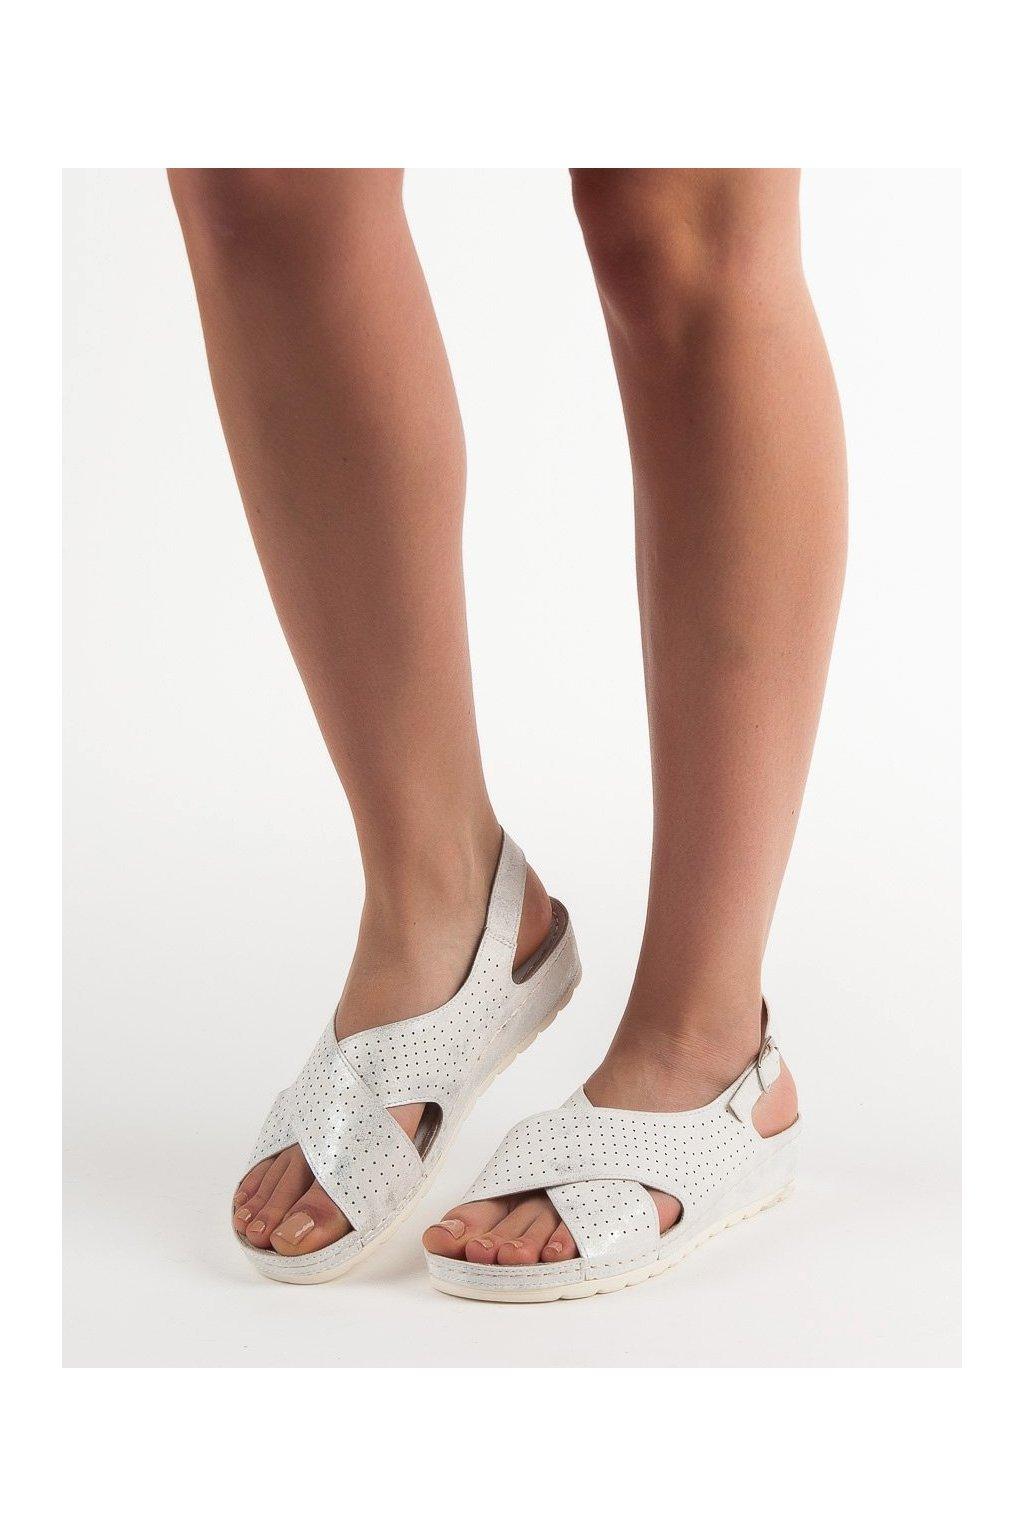 Biele sandále na platforme Goodin kod GD-FL269W